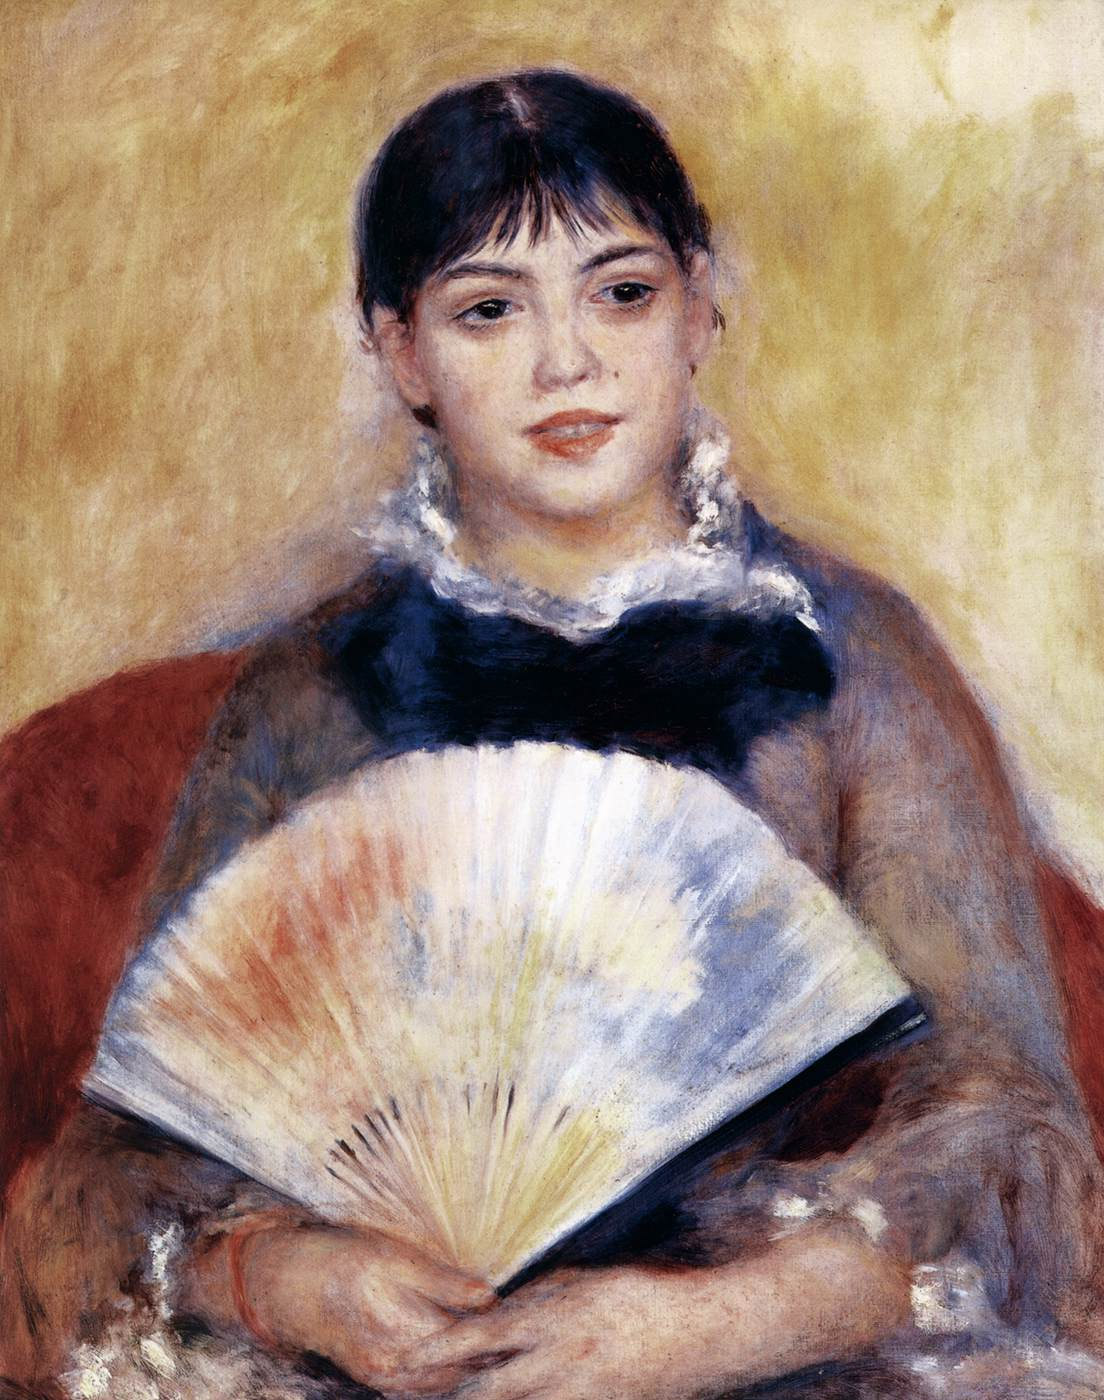 Девушка с веером. Пьер Огюст Ренуар, около 1881. Холст, масло